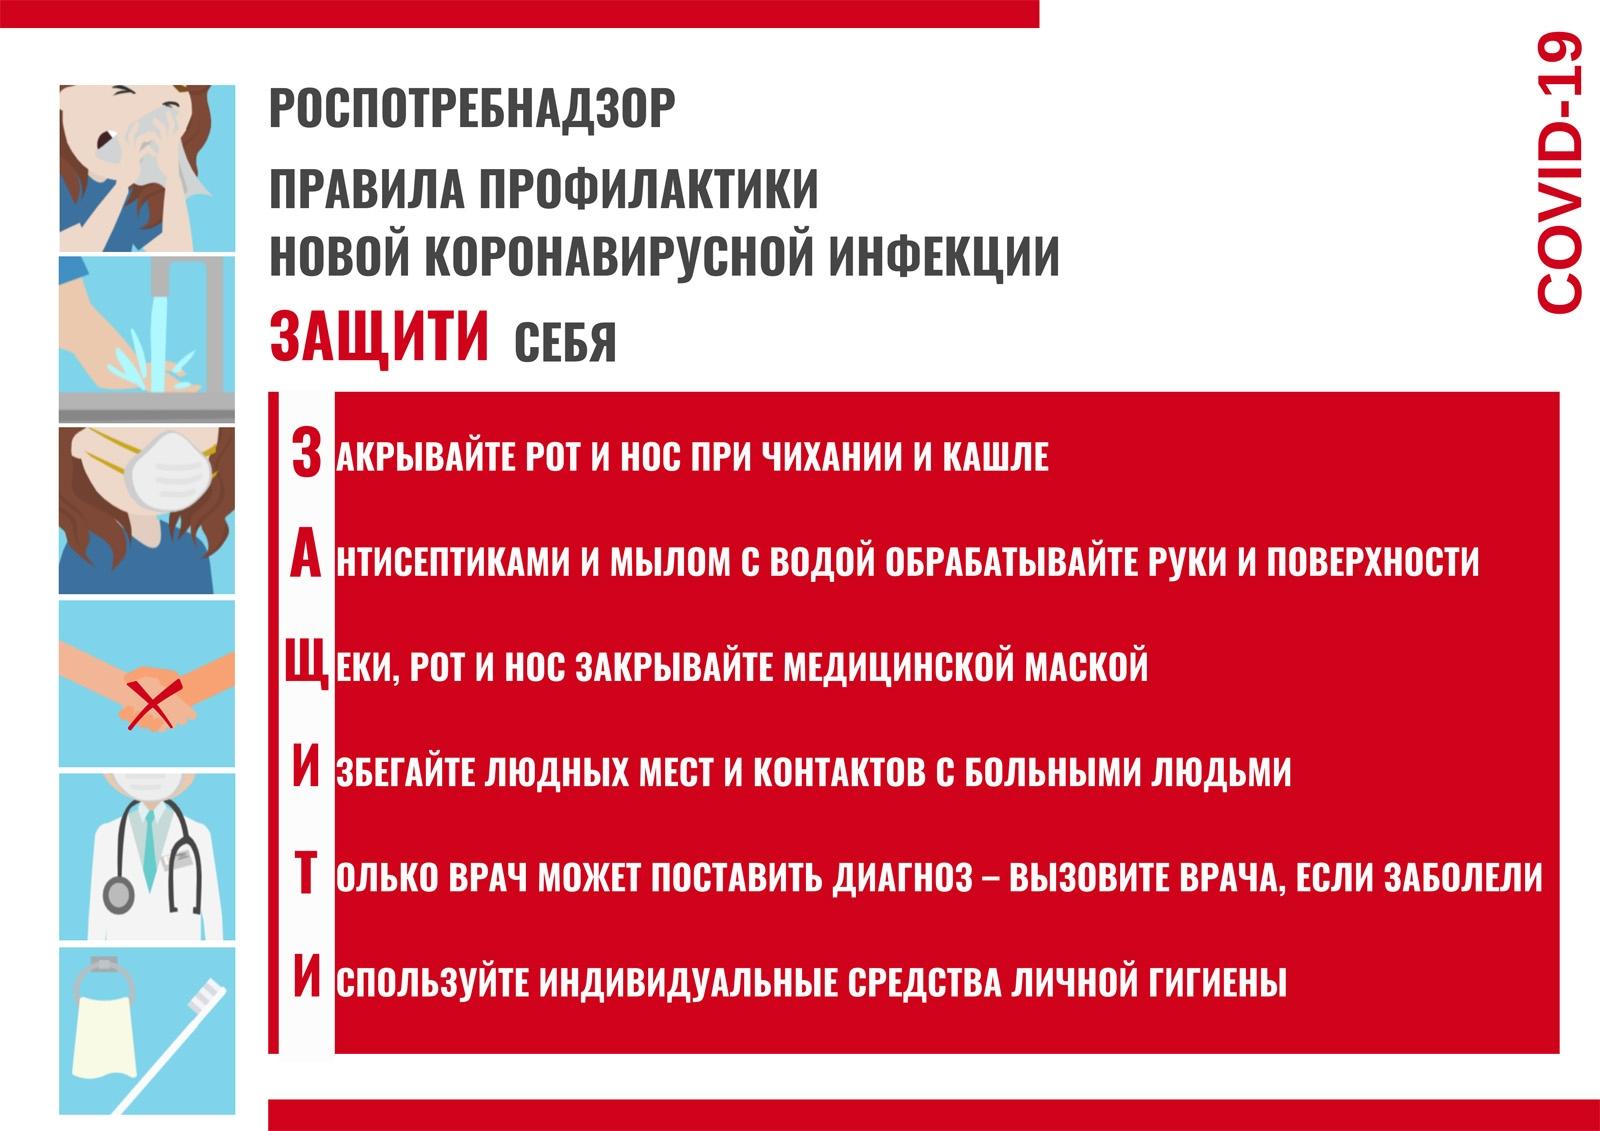 """Картинки по запросу """"плакат правила профилактики коронавирусной инфекции"""""""